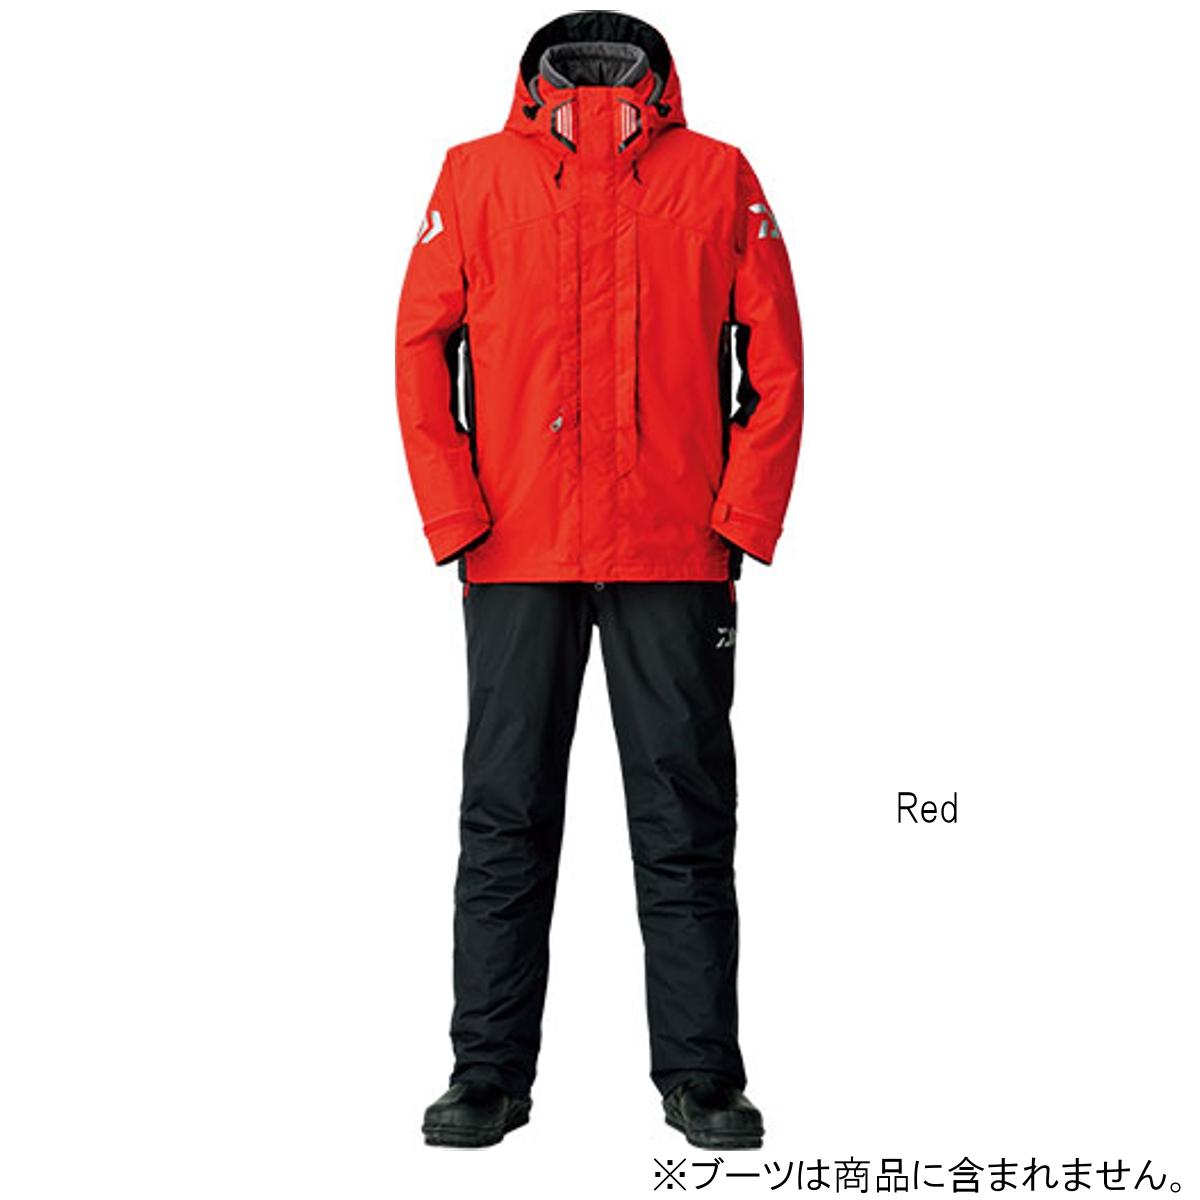 超人気高品質 ダイワ レインマックス 2XL ハイパー ハイロフト コンビアップ Red コンビアップ ウィンタースーツ DW-3408 2XL Red, ヒトヨシシ:ddddcc3e --- supercanaltv.zonalivresh.dominiotemporario.com